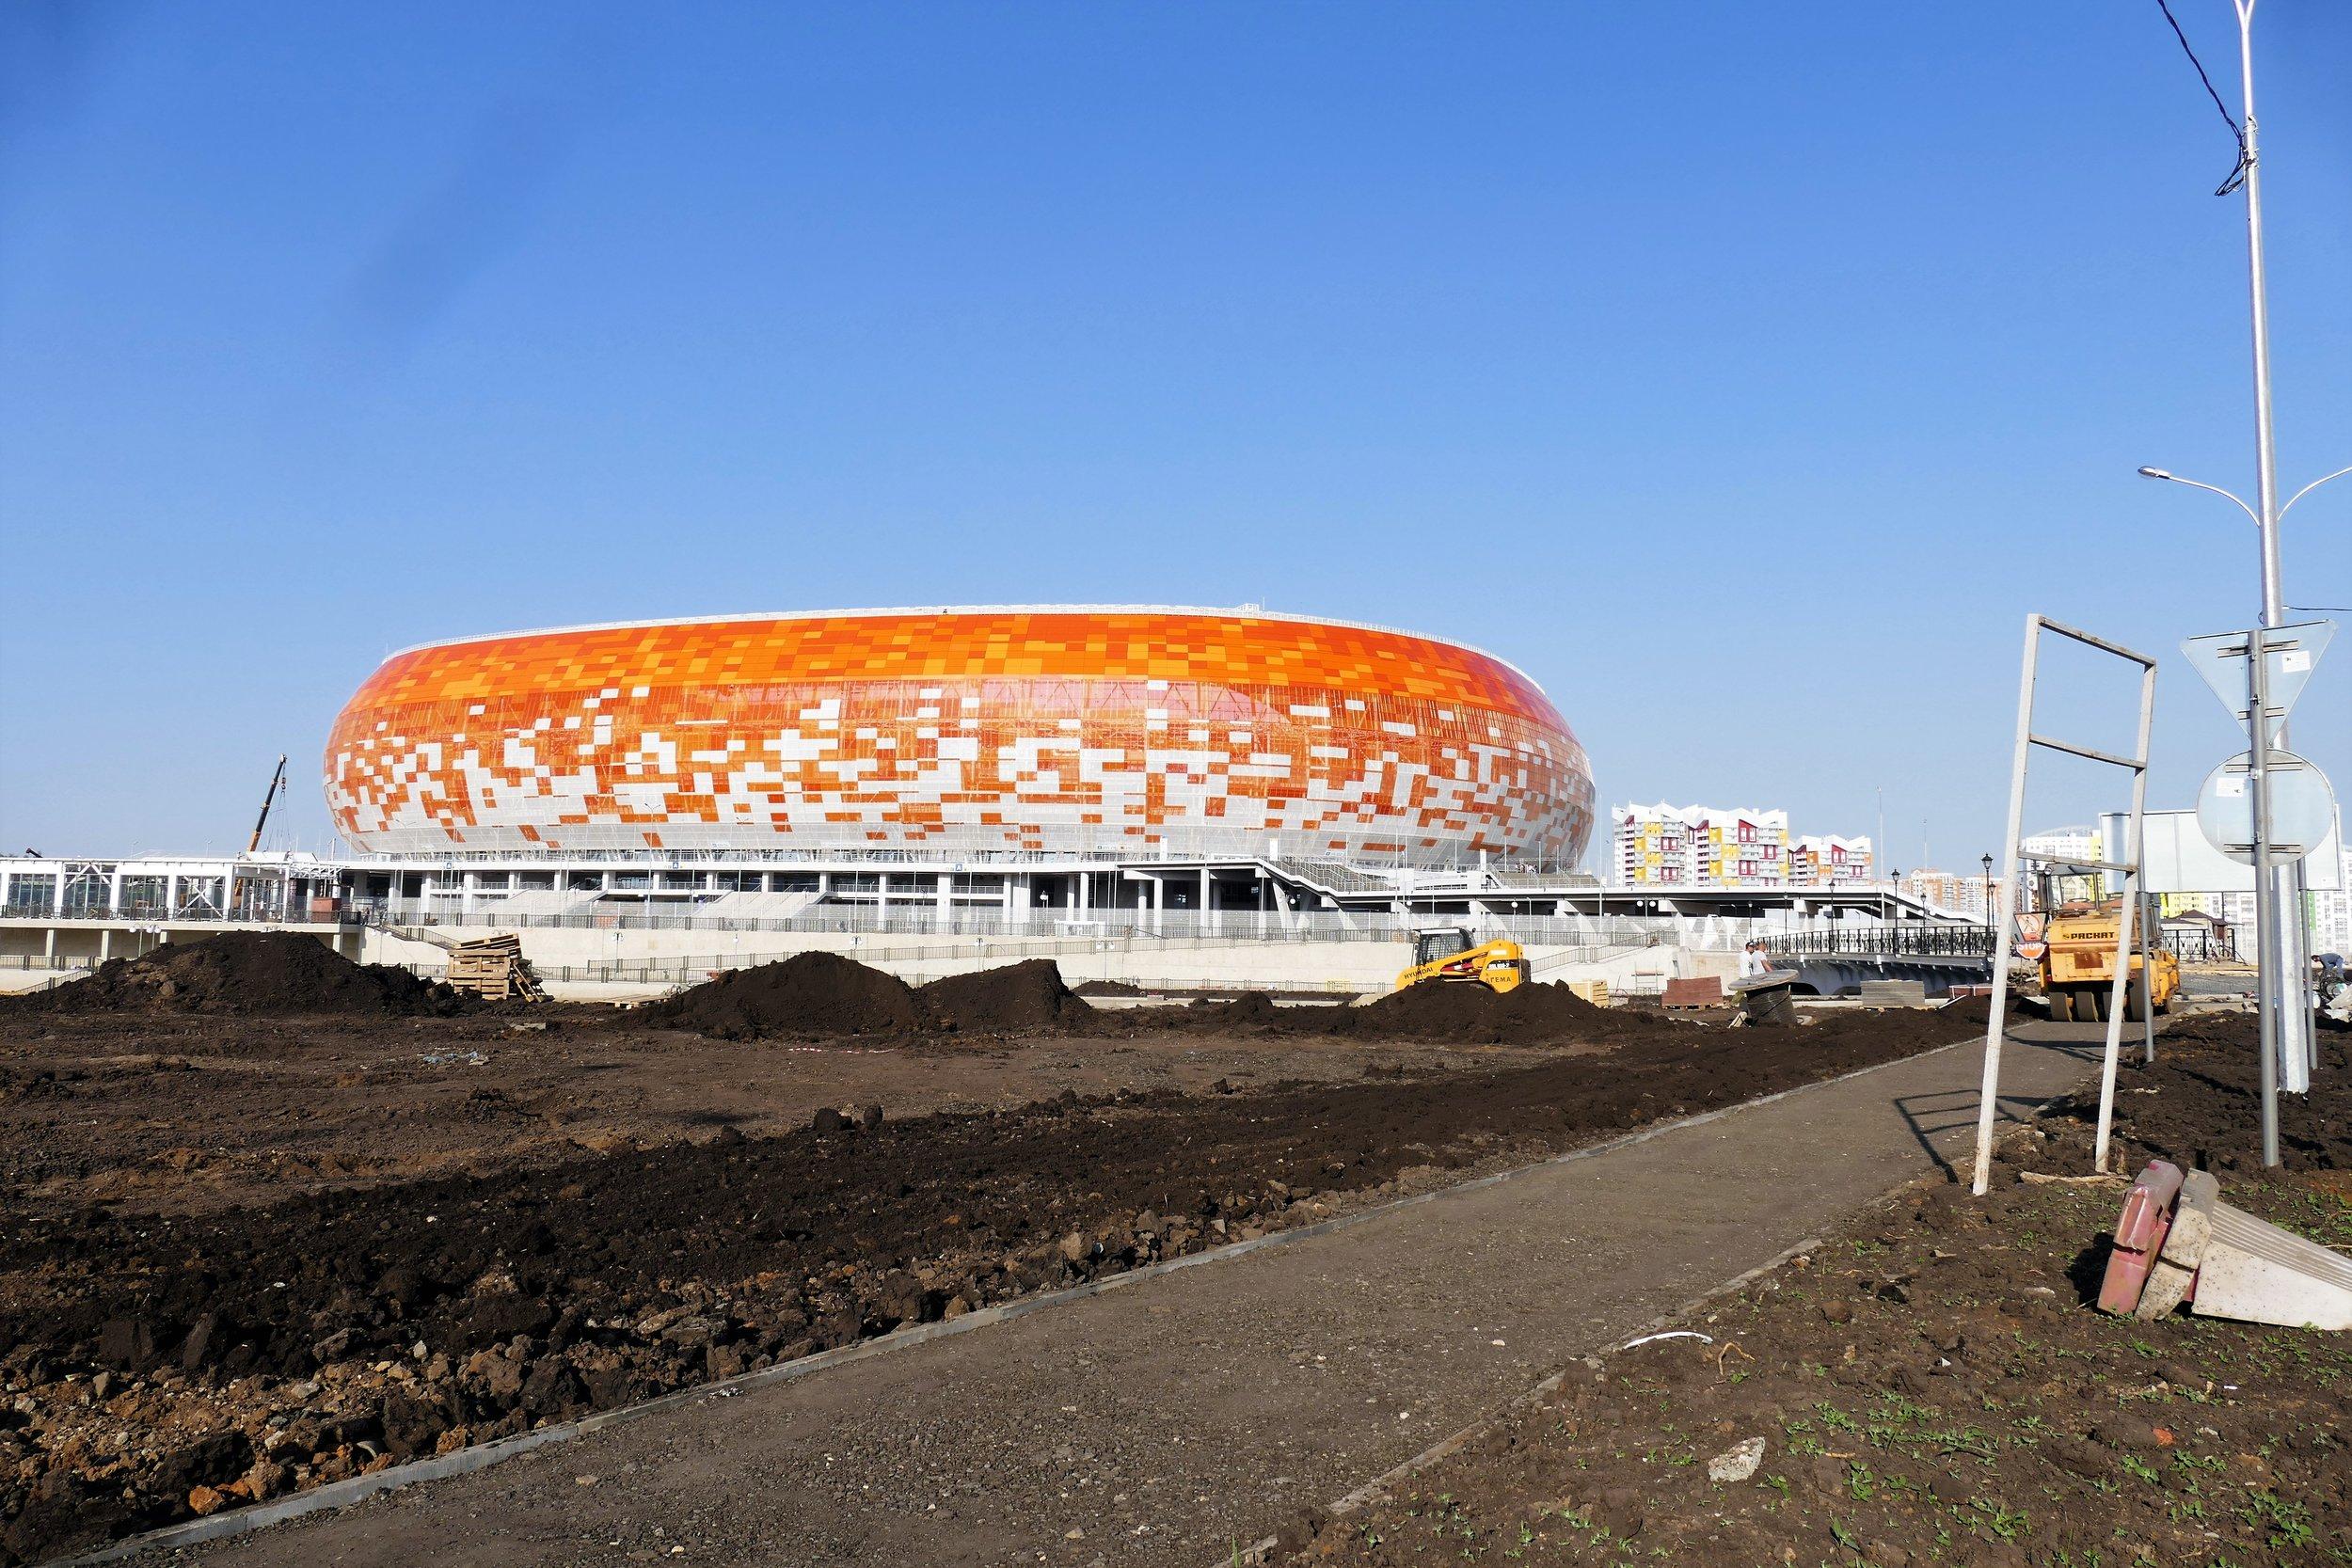 Le stade, comme un soufflé démesuré, construit tout spécialement pour la coupe du monde 2018.